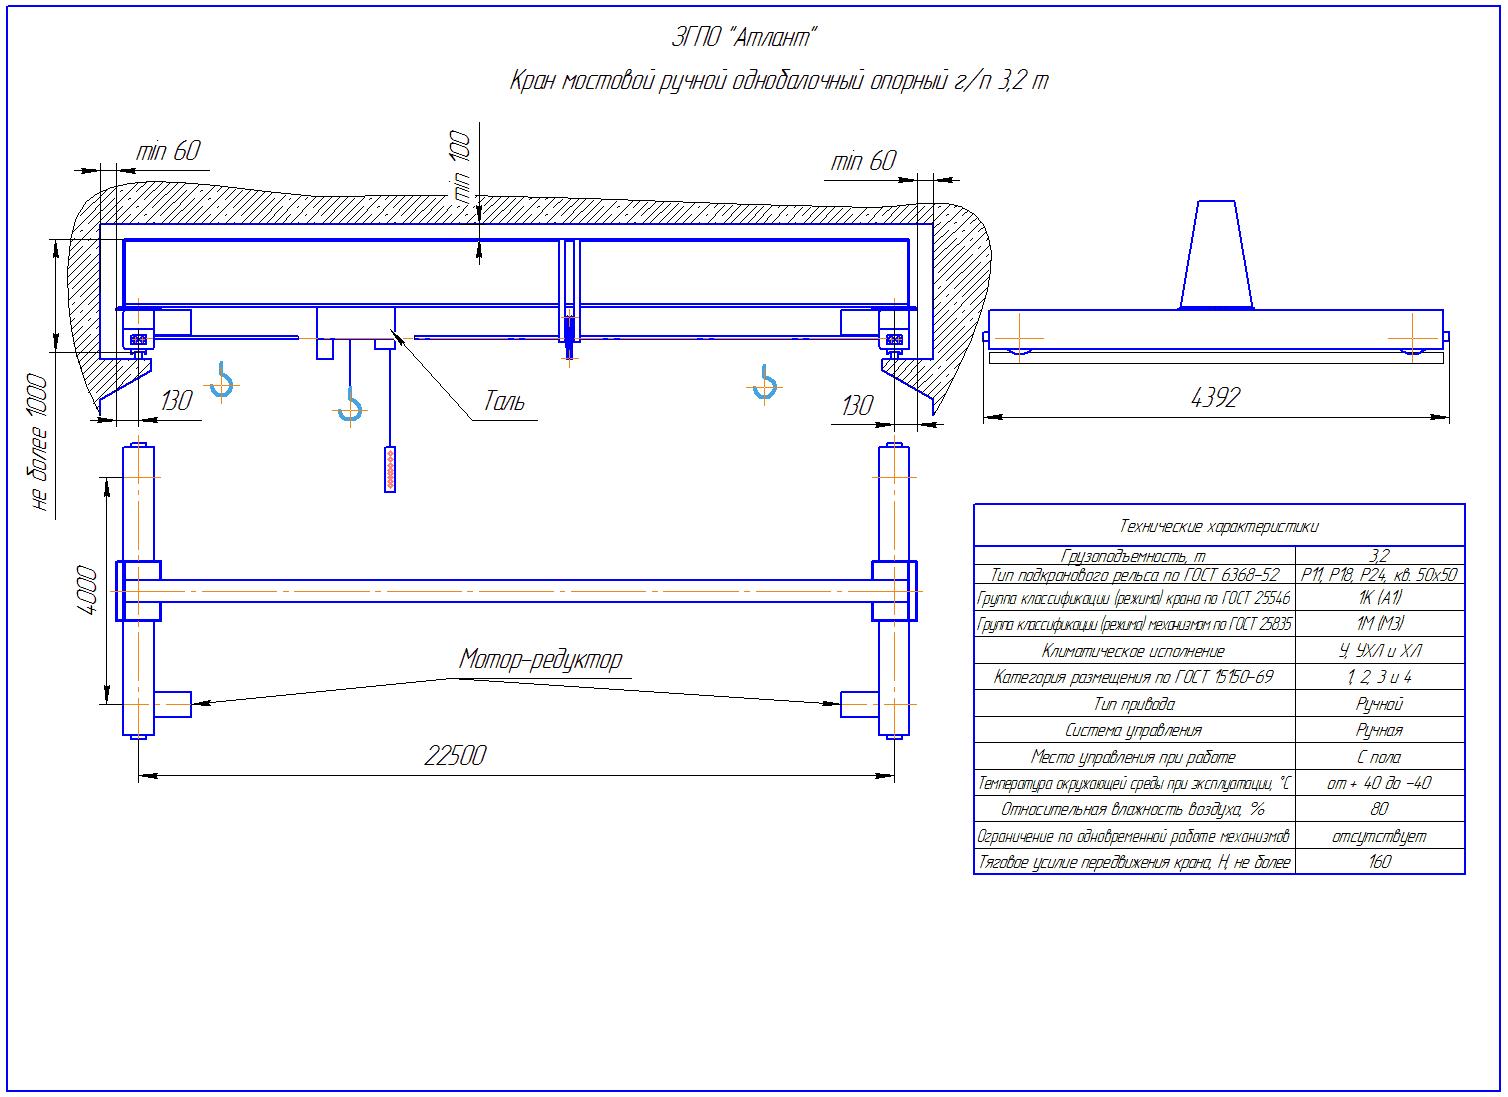 KRMOO 3 225 - Кран ручной мостовой опорный однобалочный